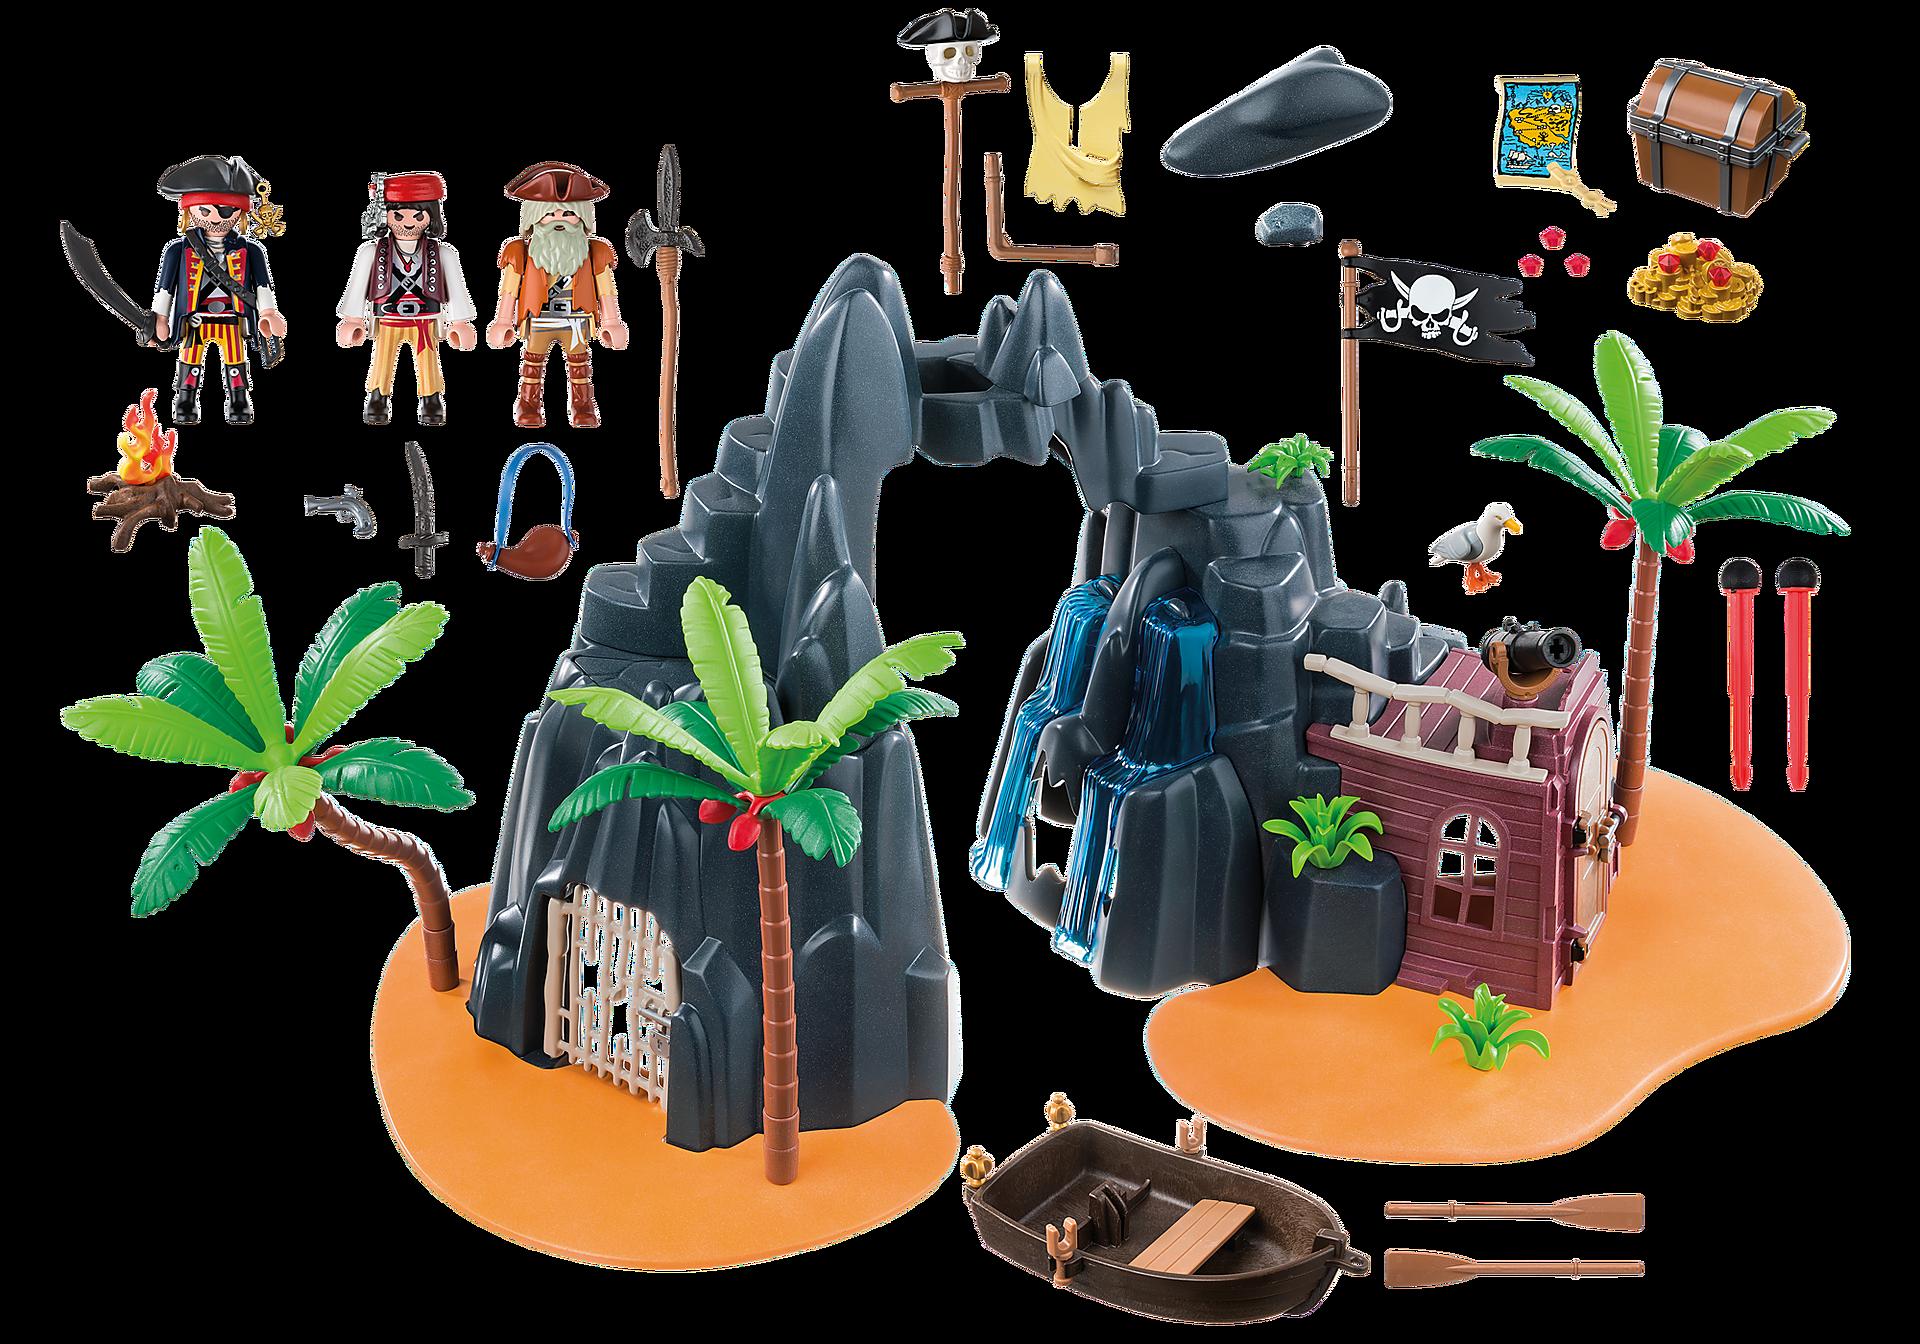 6679 Pirate Treasure Island zoom image4